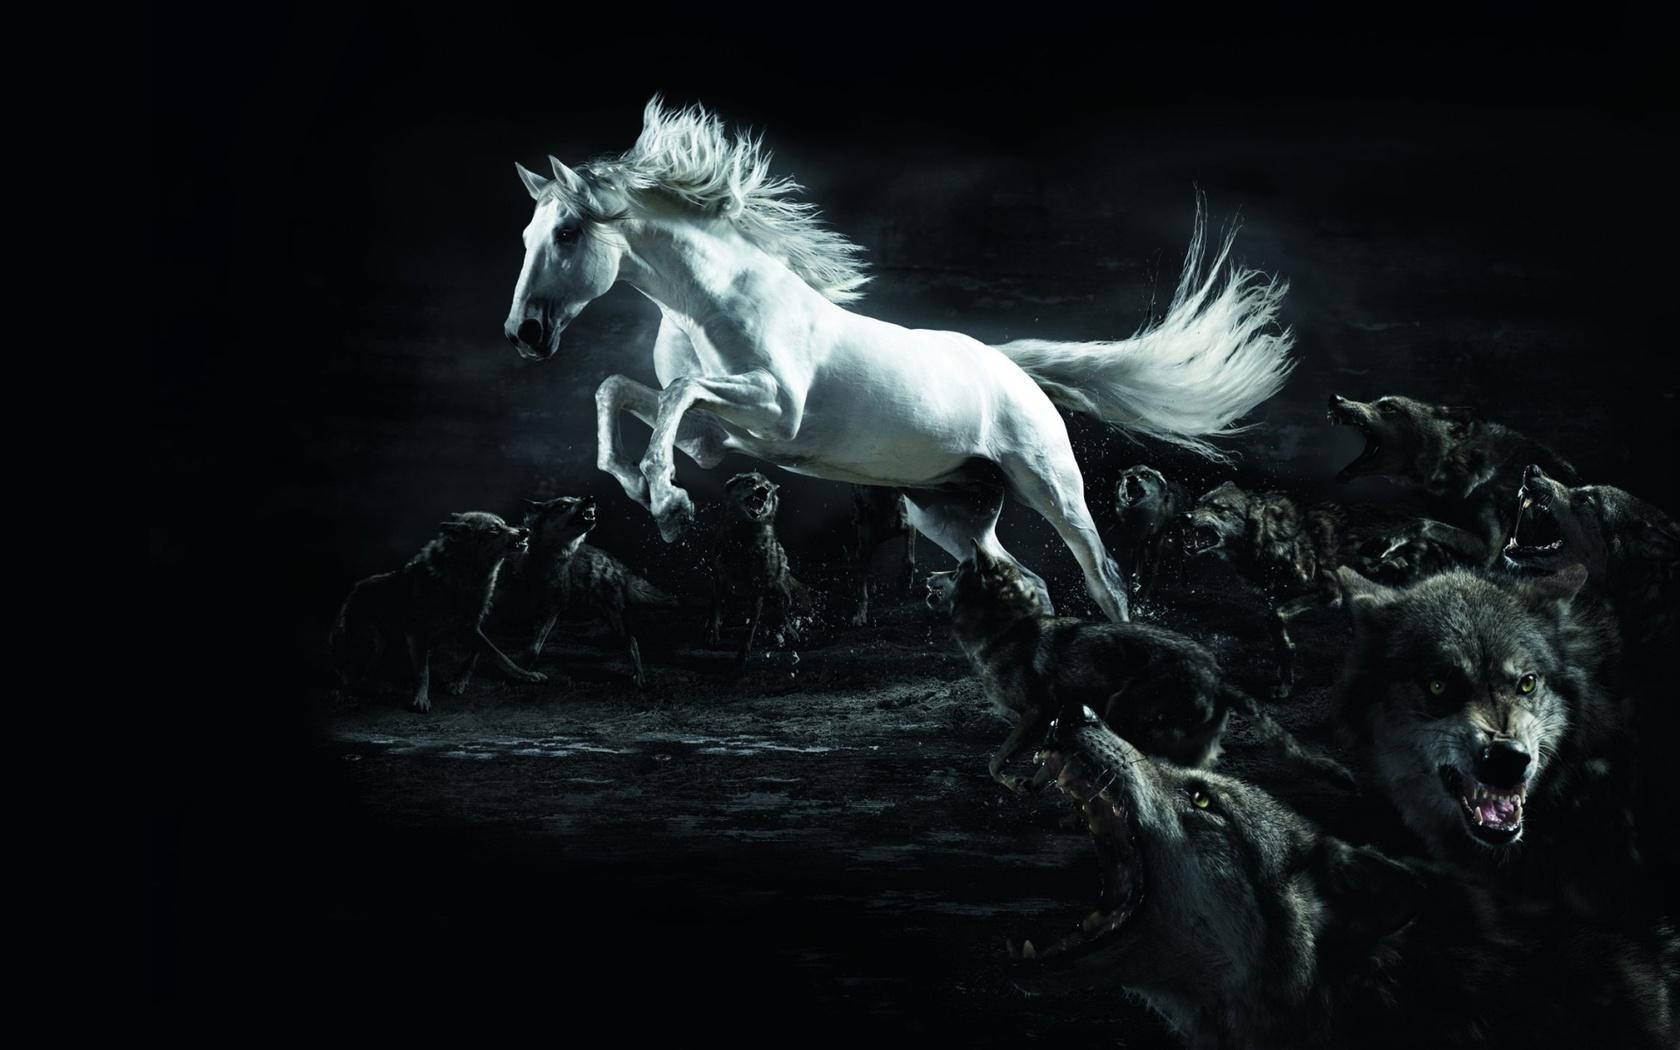 46911 Hintergrundbild herunterladen Wölfe, Tiere, Pferde - Bildschirmschoner und Bilder kostenlos